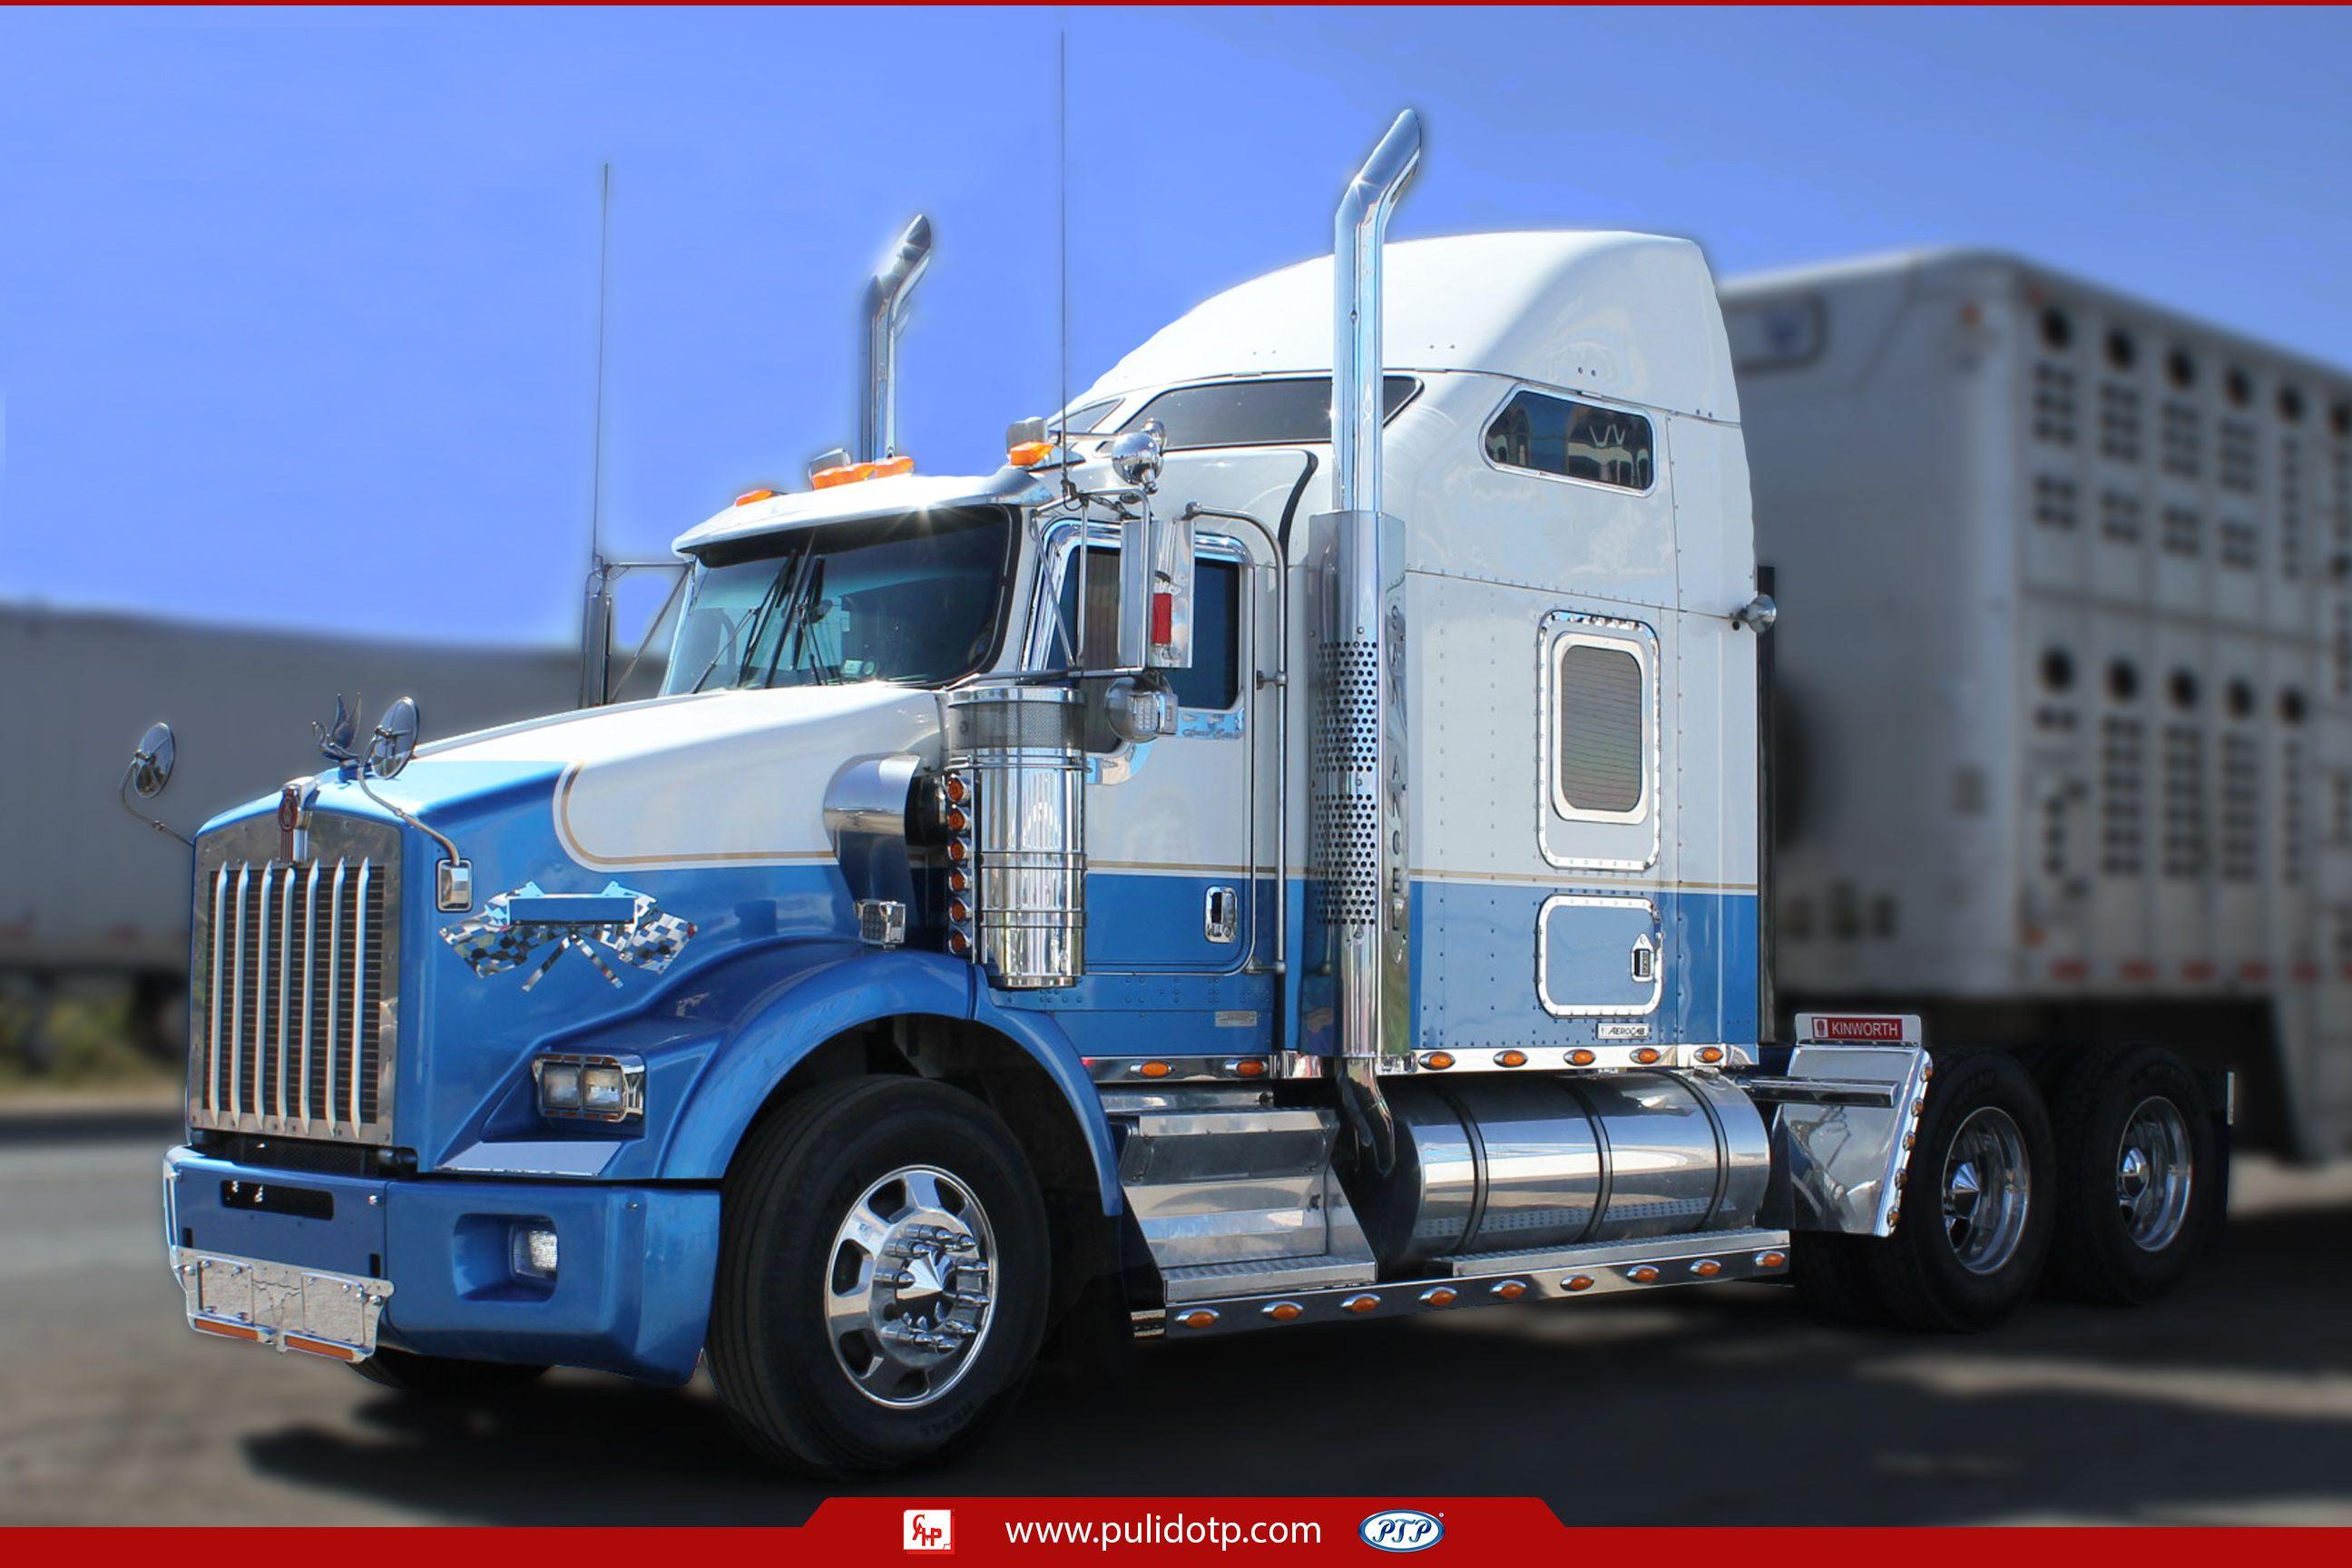 Kw T800 Camiones Kenworth Camiones Personalizados Camiones Grandes